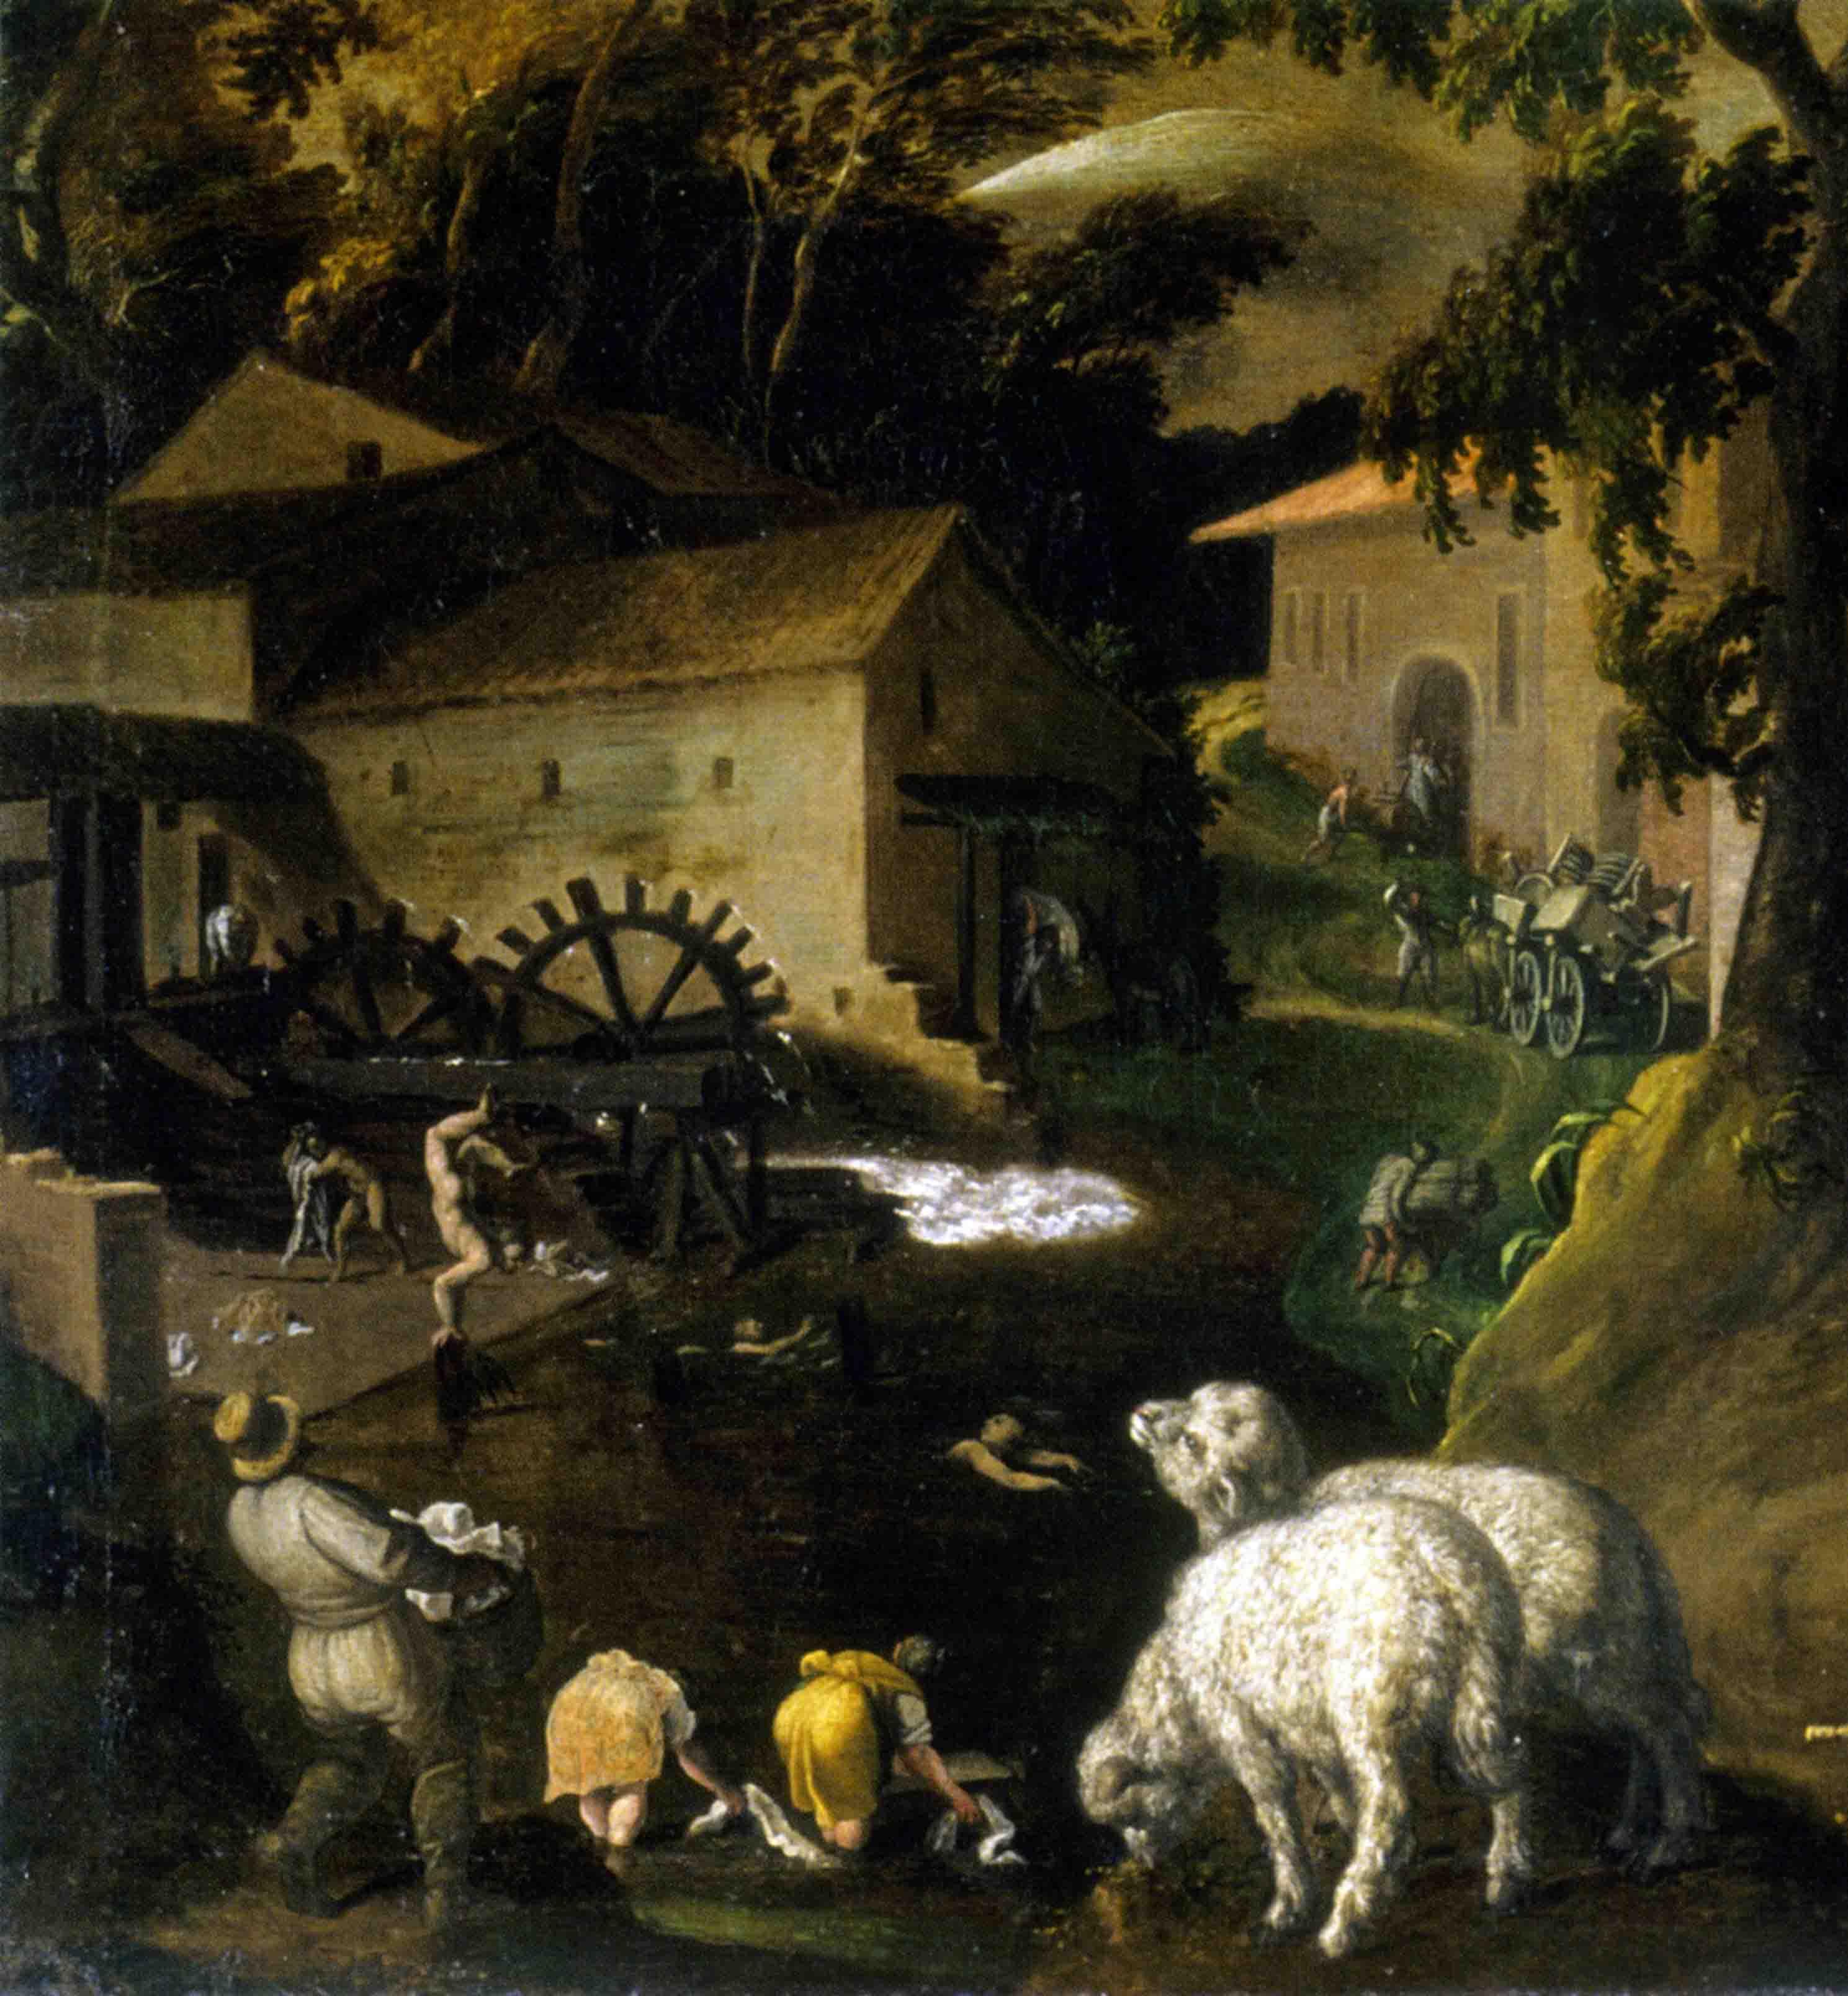 Vincenzo Campi (1536-1591), San Martino (trasloco di contadini con mulino), olio su tela, 1580 ca. - Particolare (Cremona, Museo Civico Ala Ponzone)